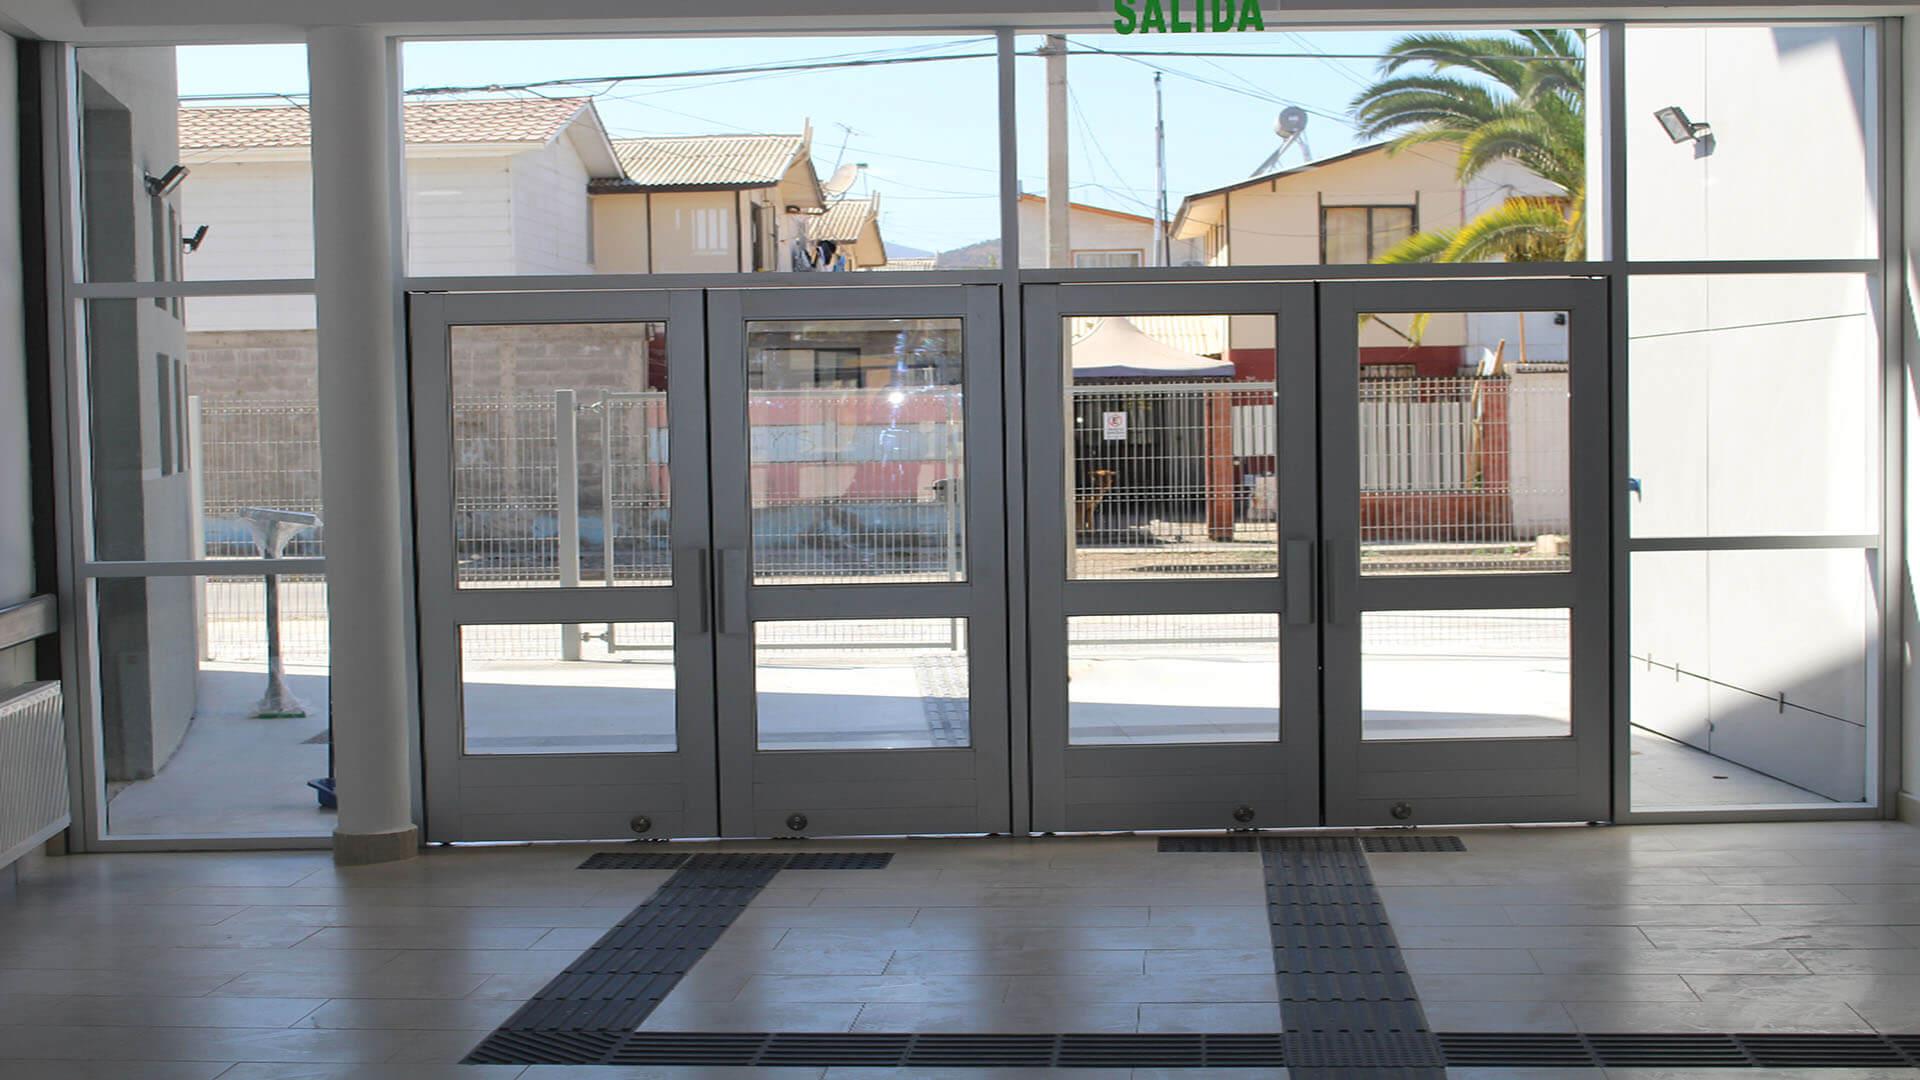 Entrada-Principal-Cesfam-Ovalle-Constructora-Rencoret